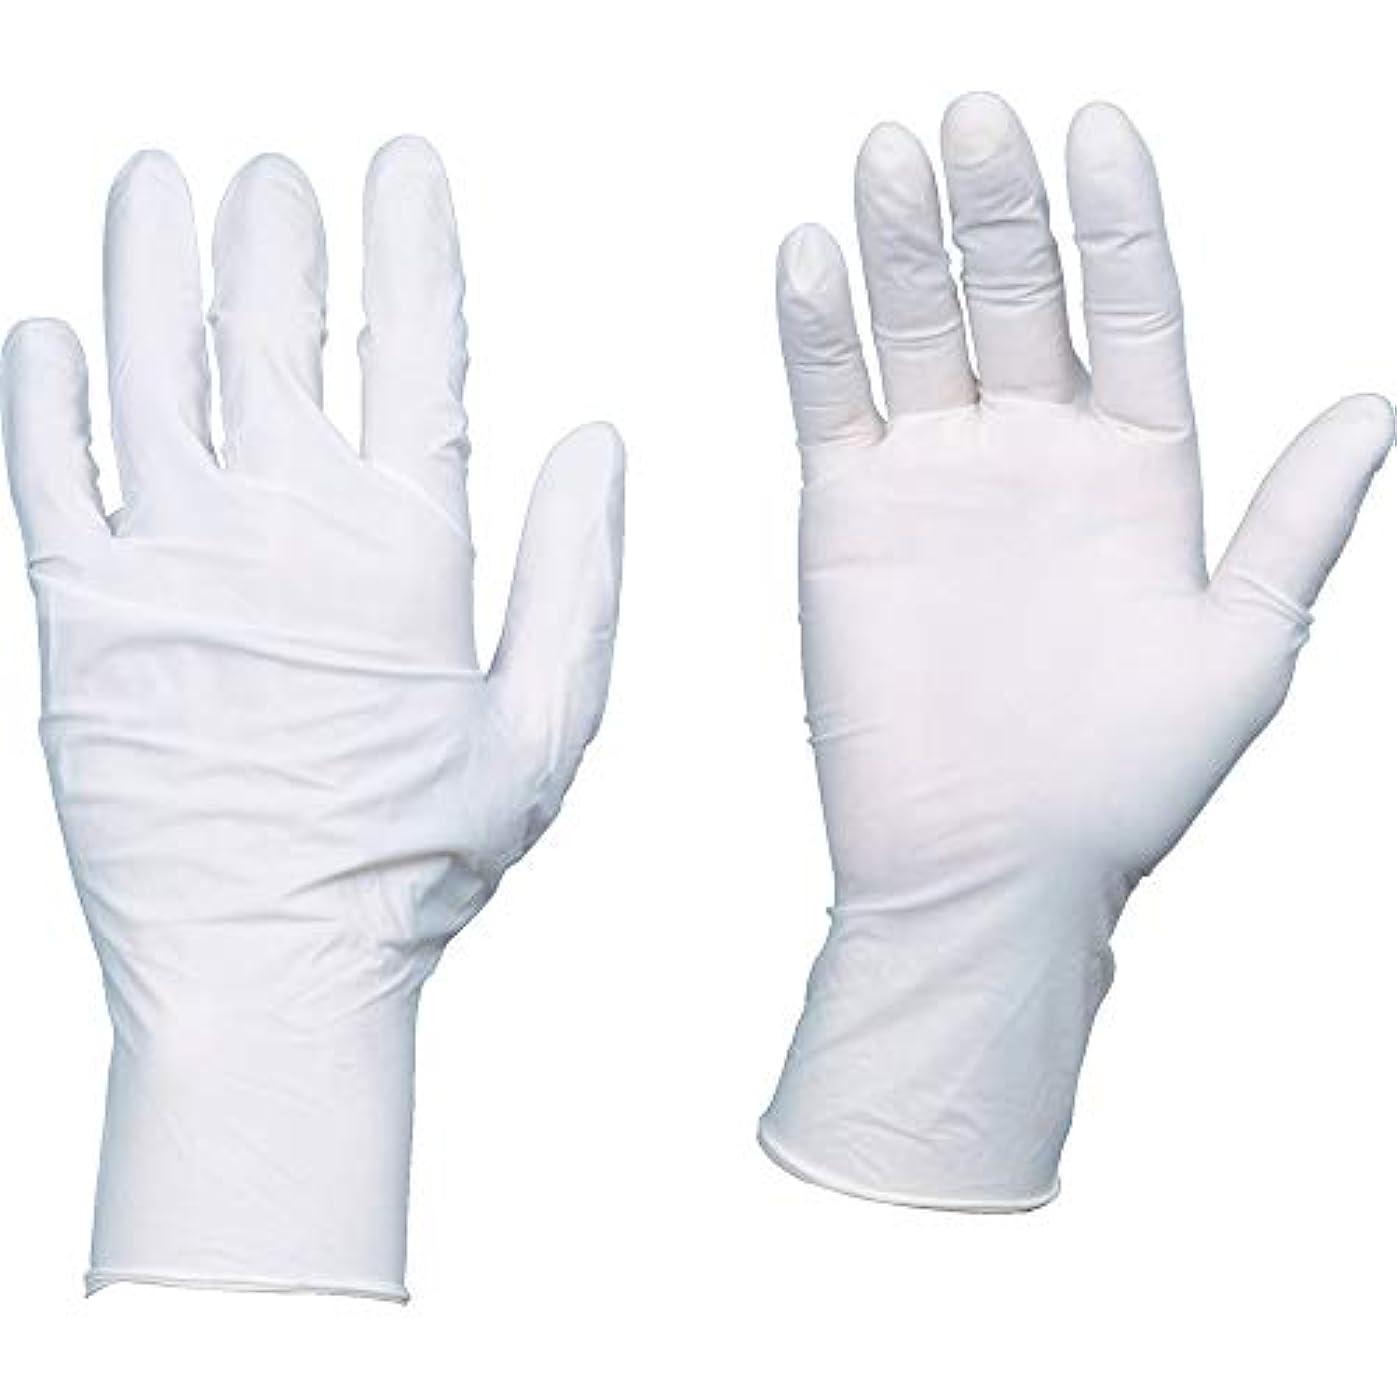 フィット吐き出すルネッサンスTRUSCO(トラスコ) 10箱入り 使い捨て天然ゴム手袋TGワーク 0.10 粉付白L TGPL10WL10C